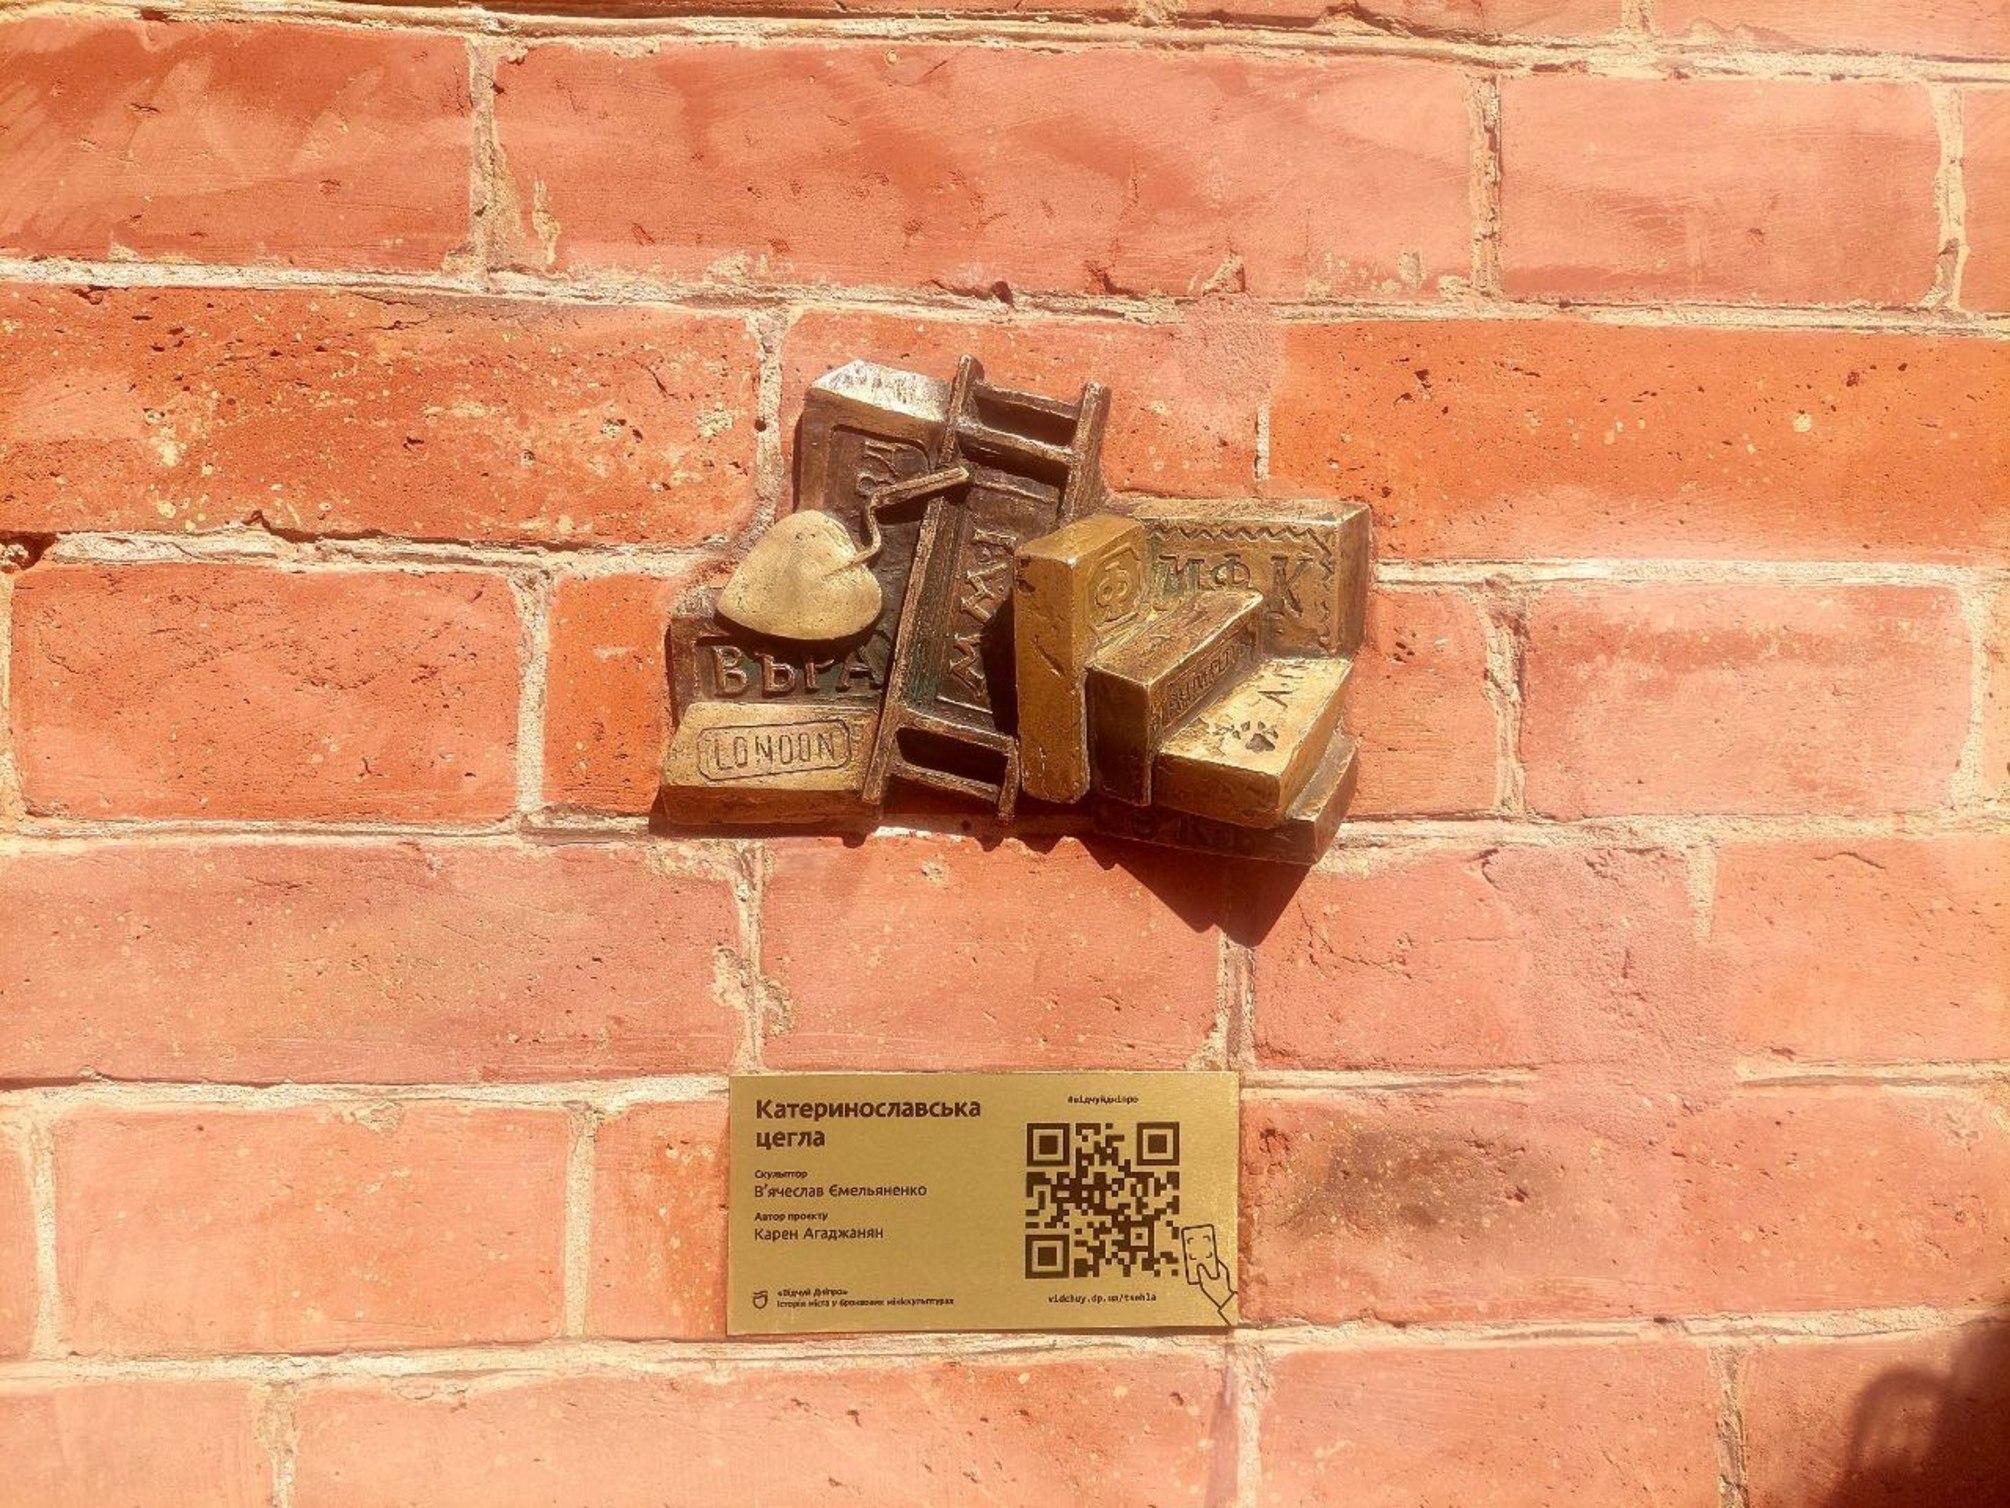 В Дніпрі встановили пам'ятник катеринославській цеглі